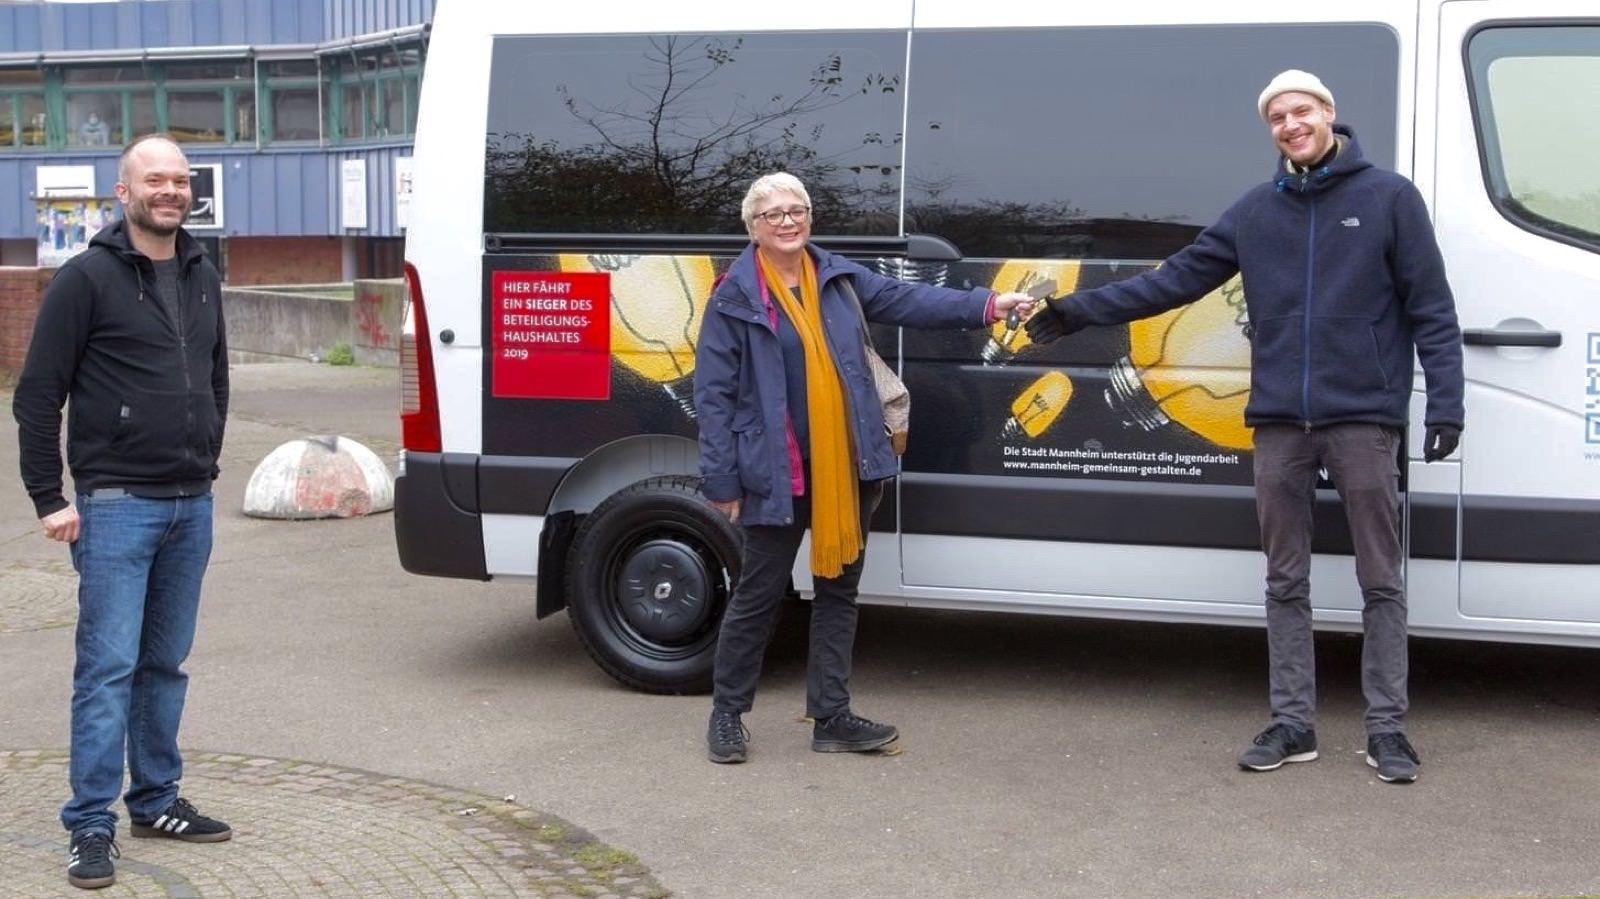 Petra Seidelmann von der Stadt Mannheim (Mitte) überreicht den Bus an Jan Sichau, Vorstand des Stadtjugendrings Mannheim e.V. (rechts). Links im Bild Ideengeber Andreas Lindemann | Foto: Stadtjugendring